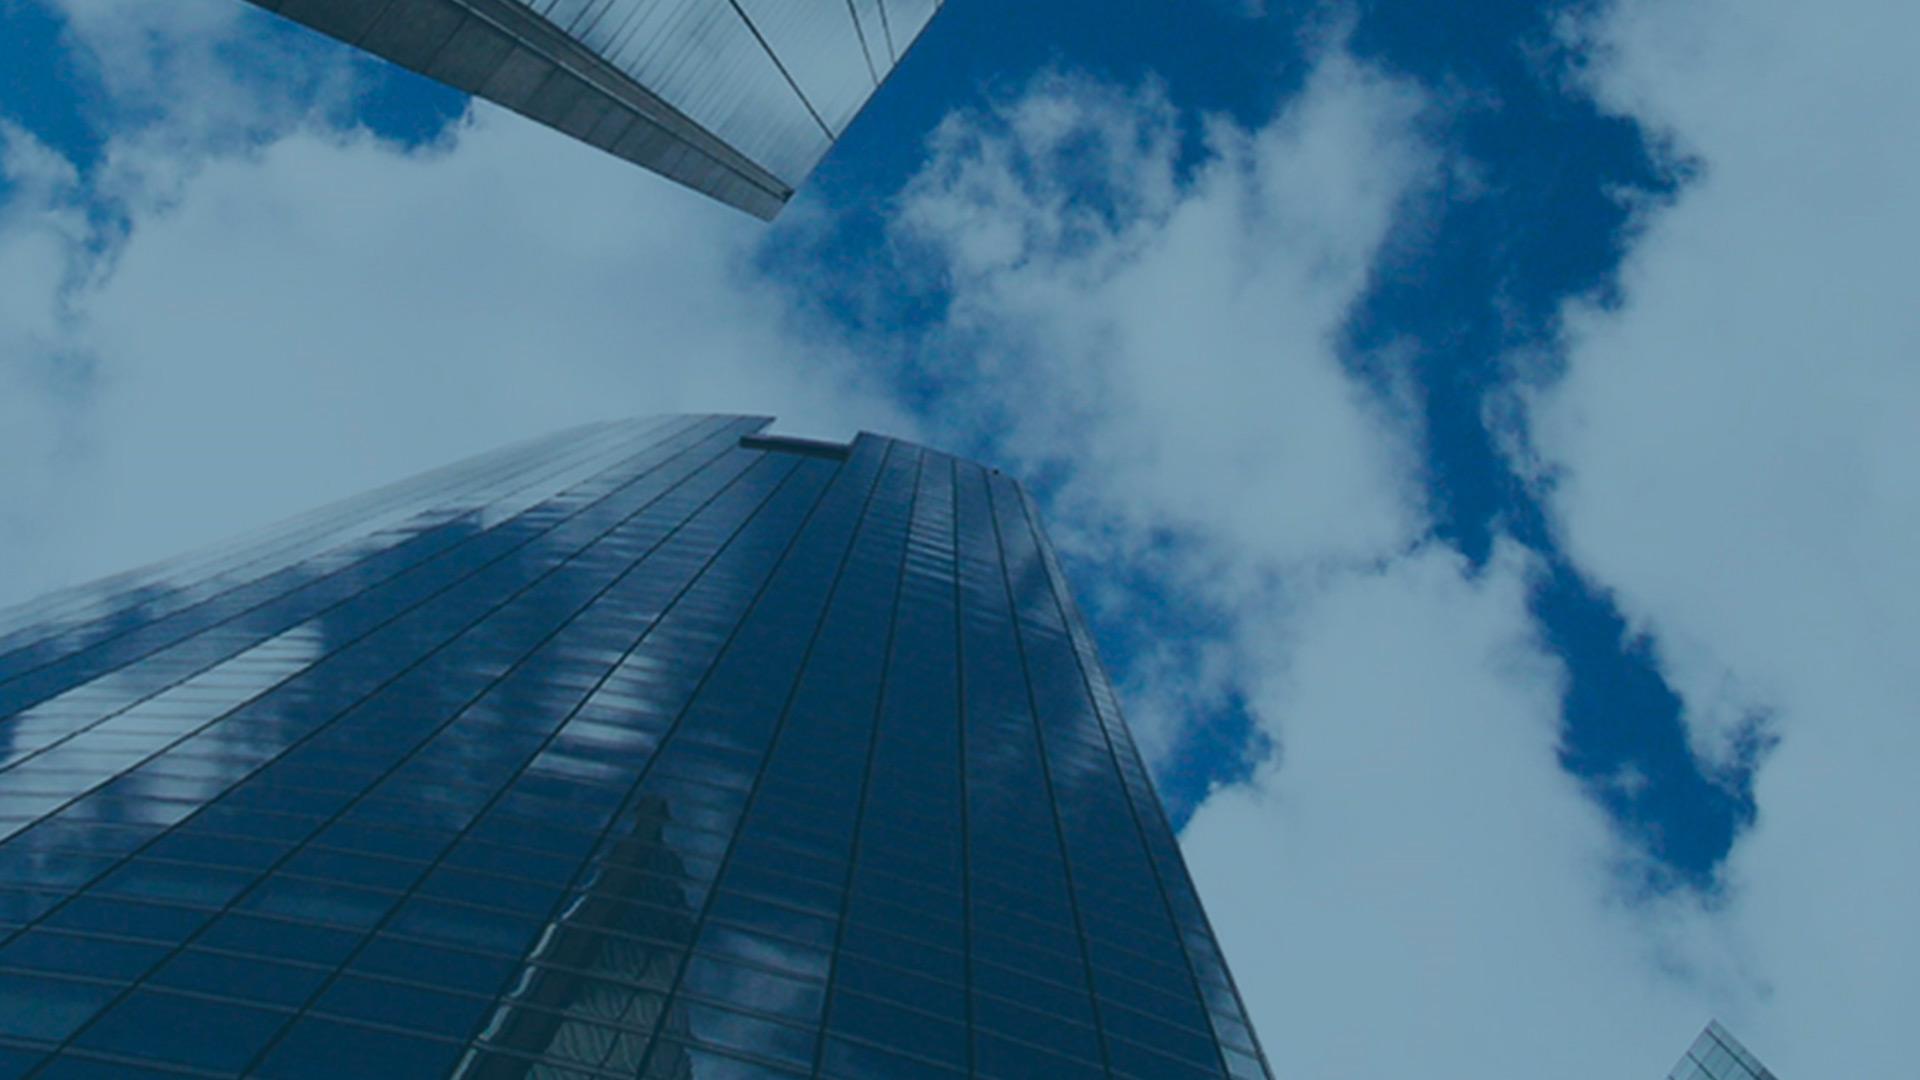 Tecnologías de vanguardia<br> para edificios inteligentes